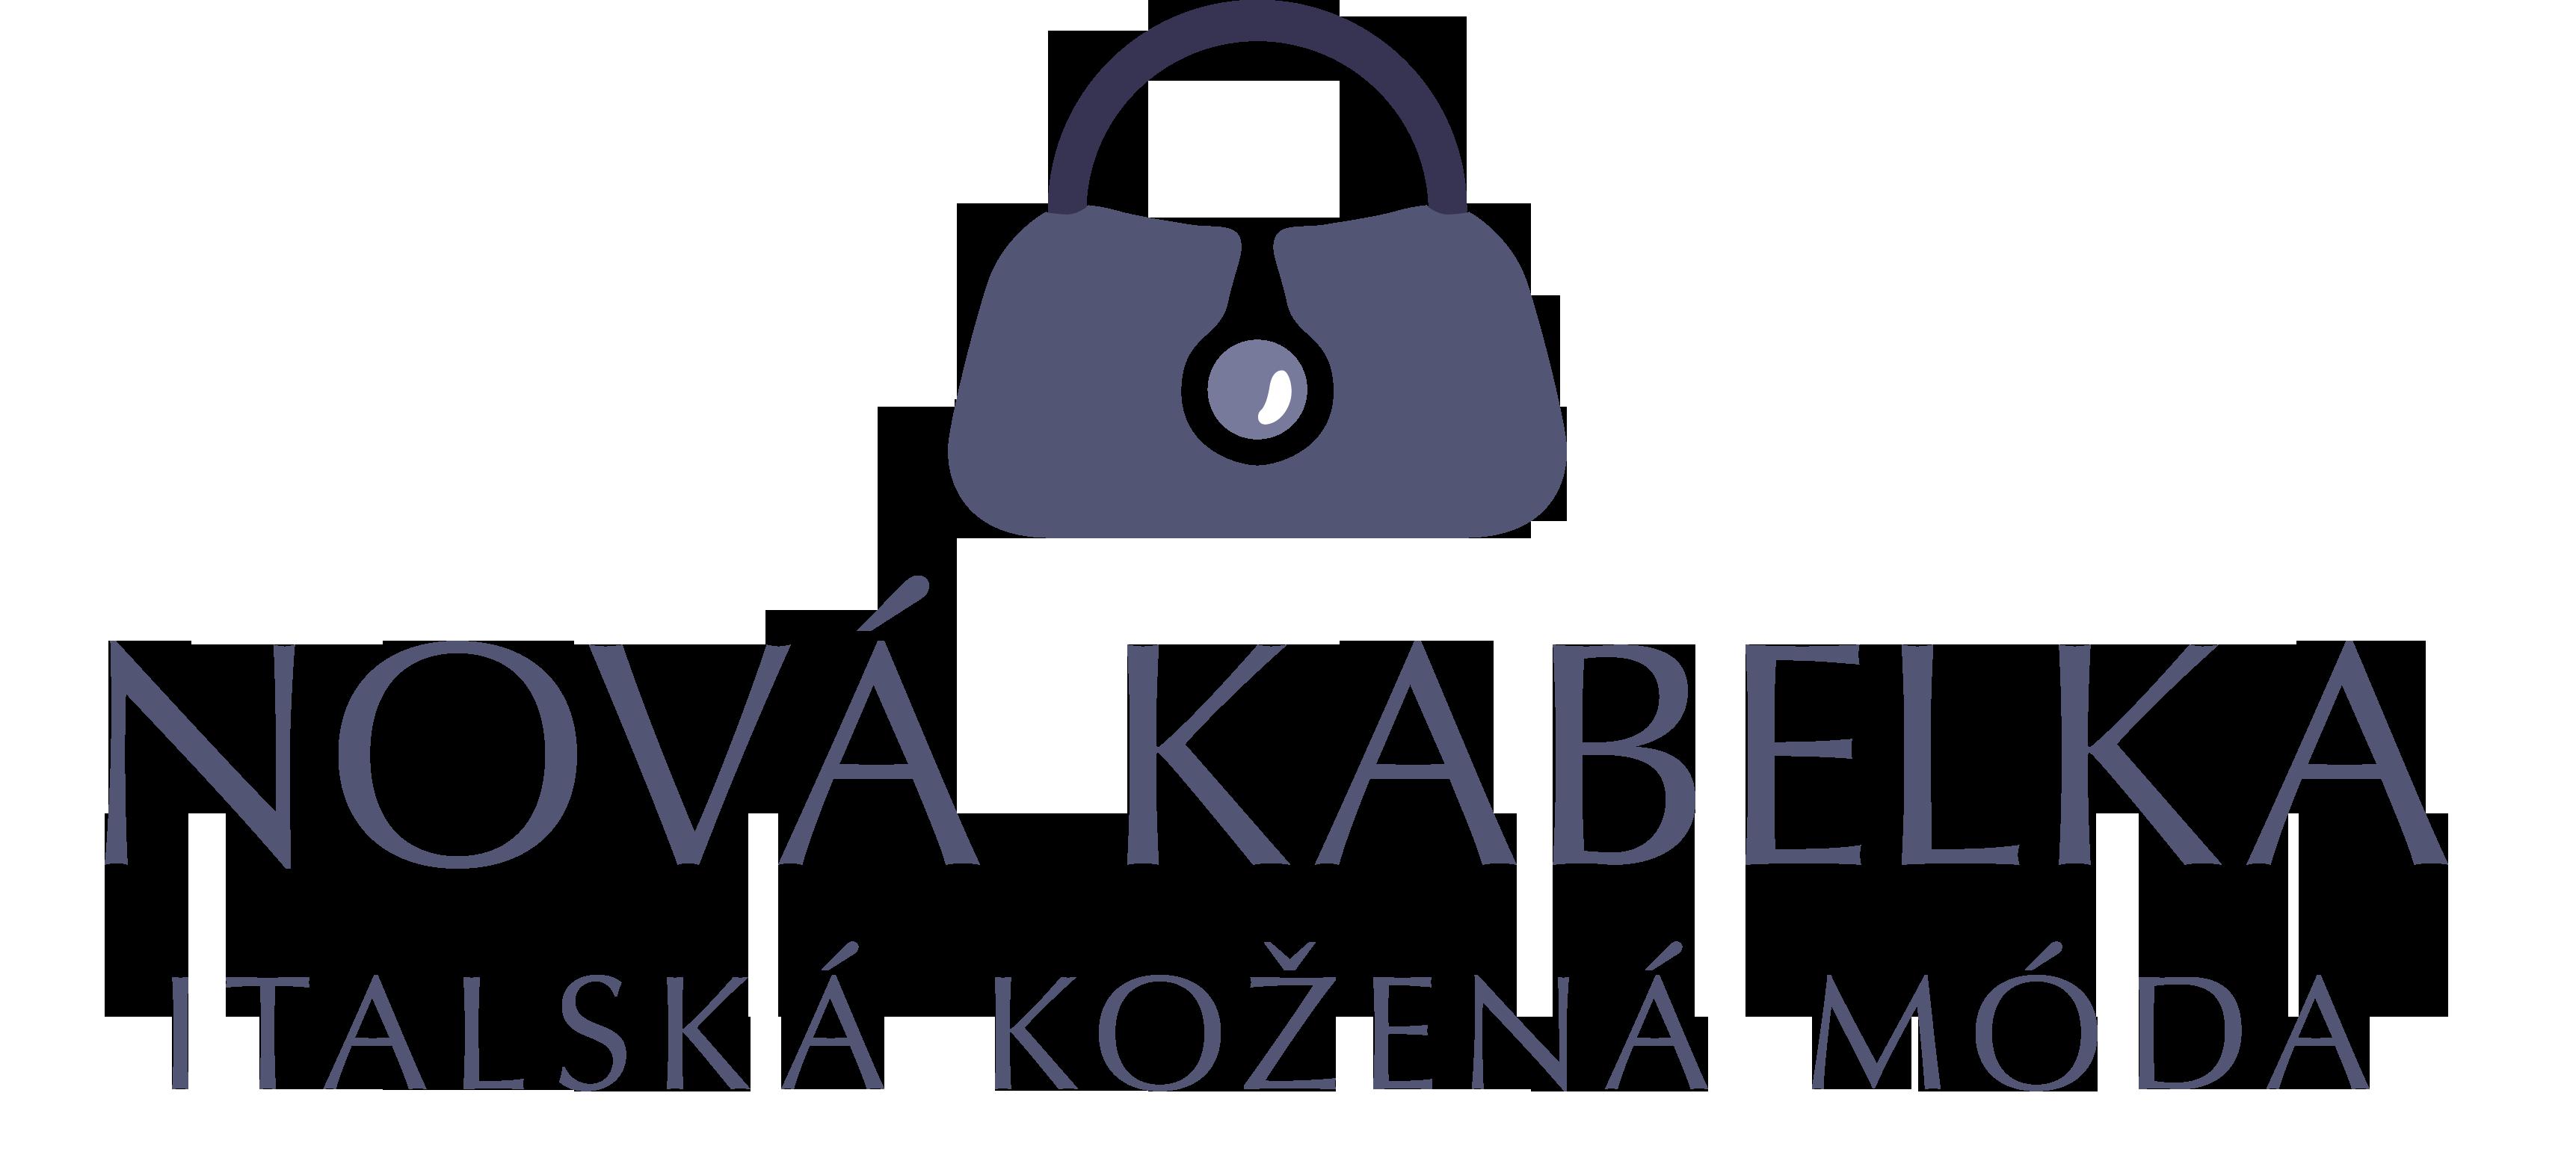 novakabelka.cz